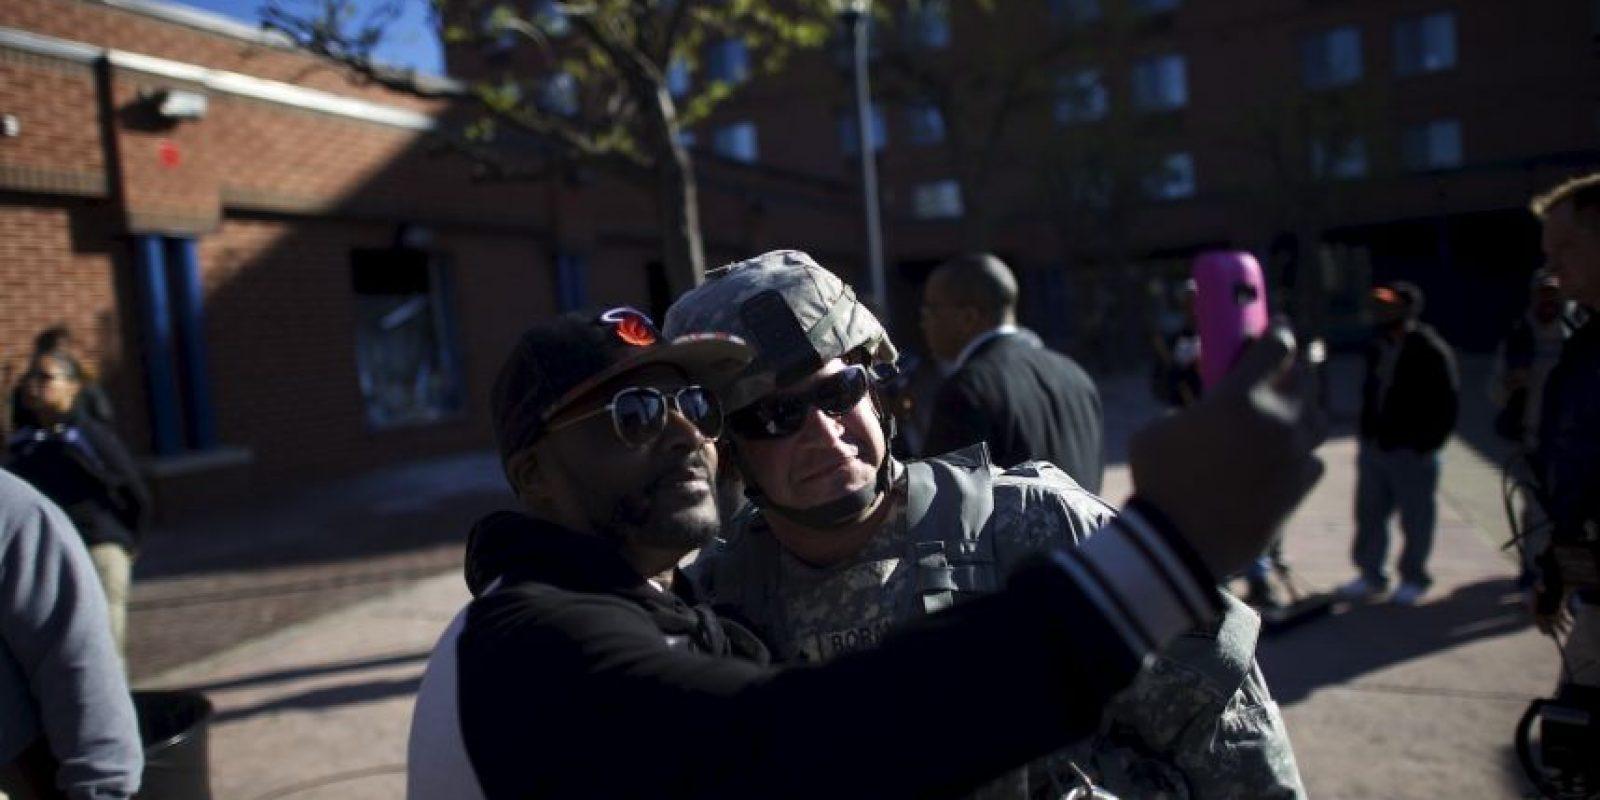 Como muestra de la buena voluntad entre los habitantes de Baltimore y la policía, algunos ciudadanos decidieron capturar el momento con un selfie Foto:Getty Images